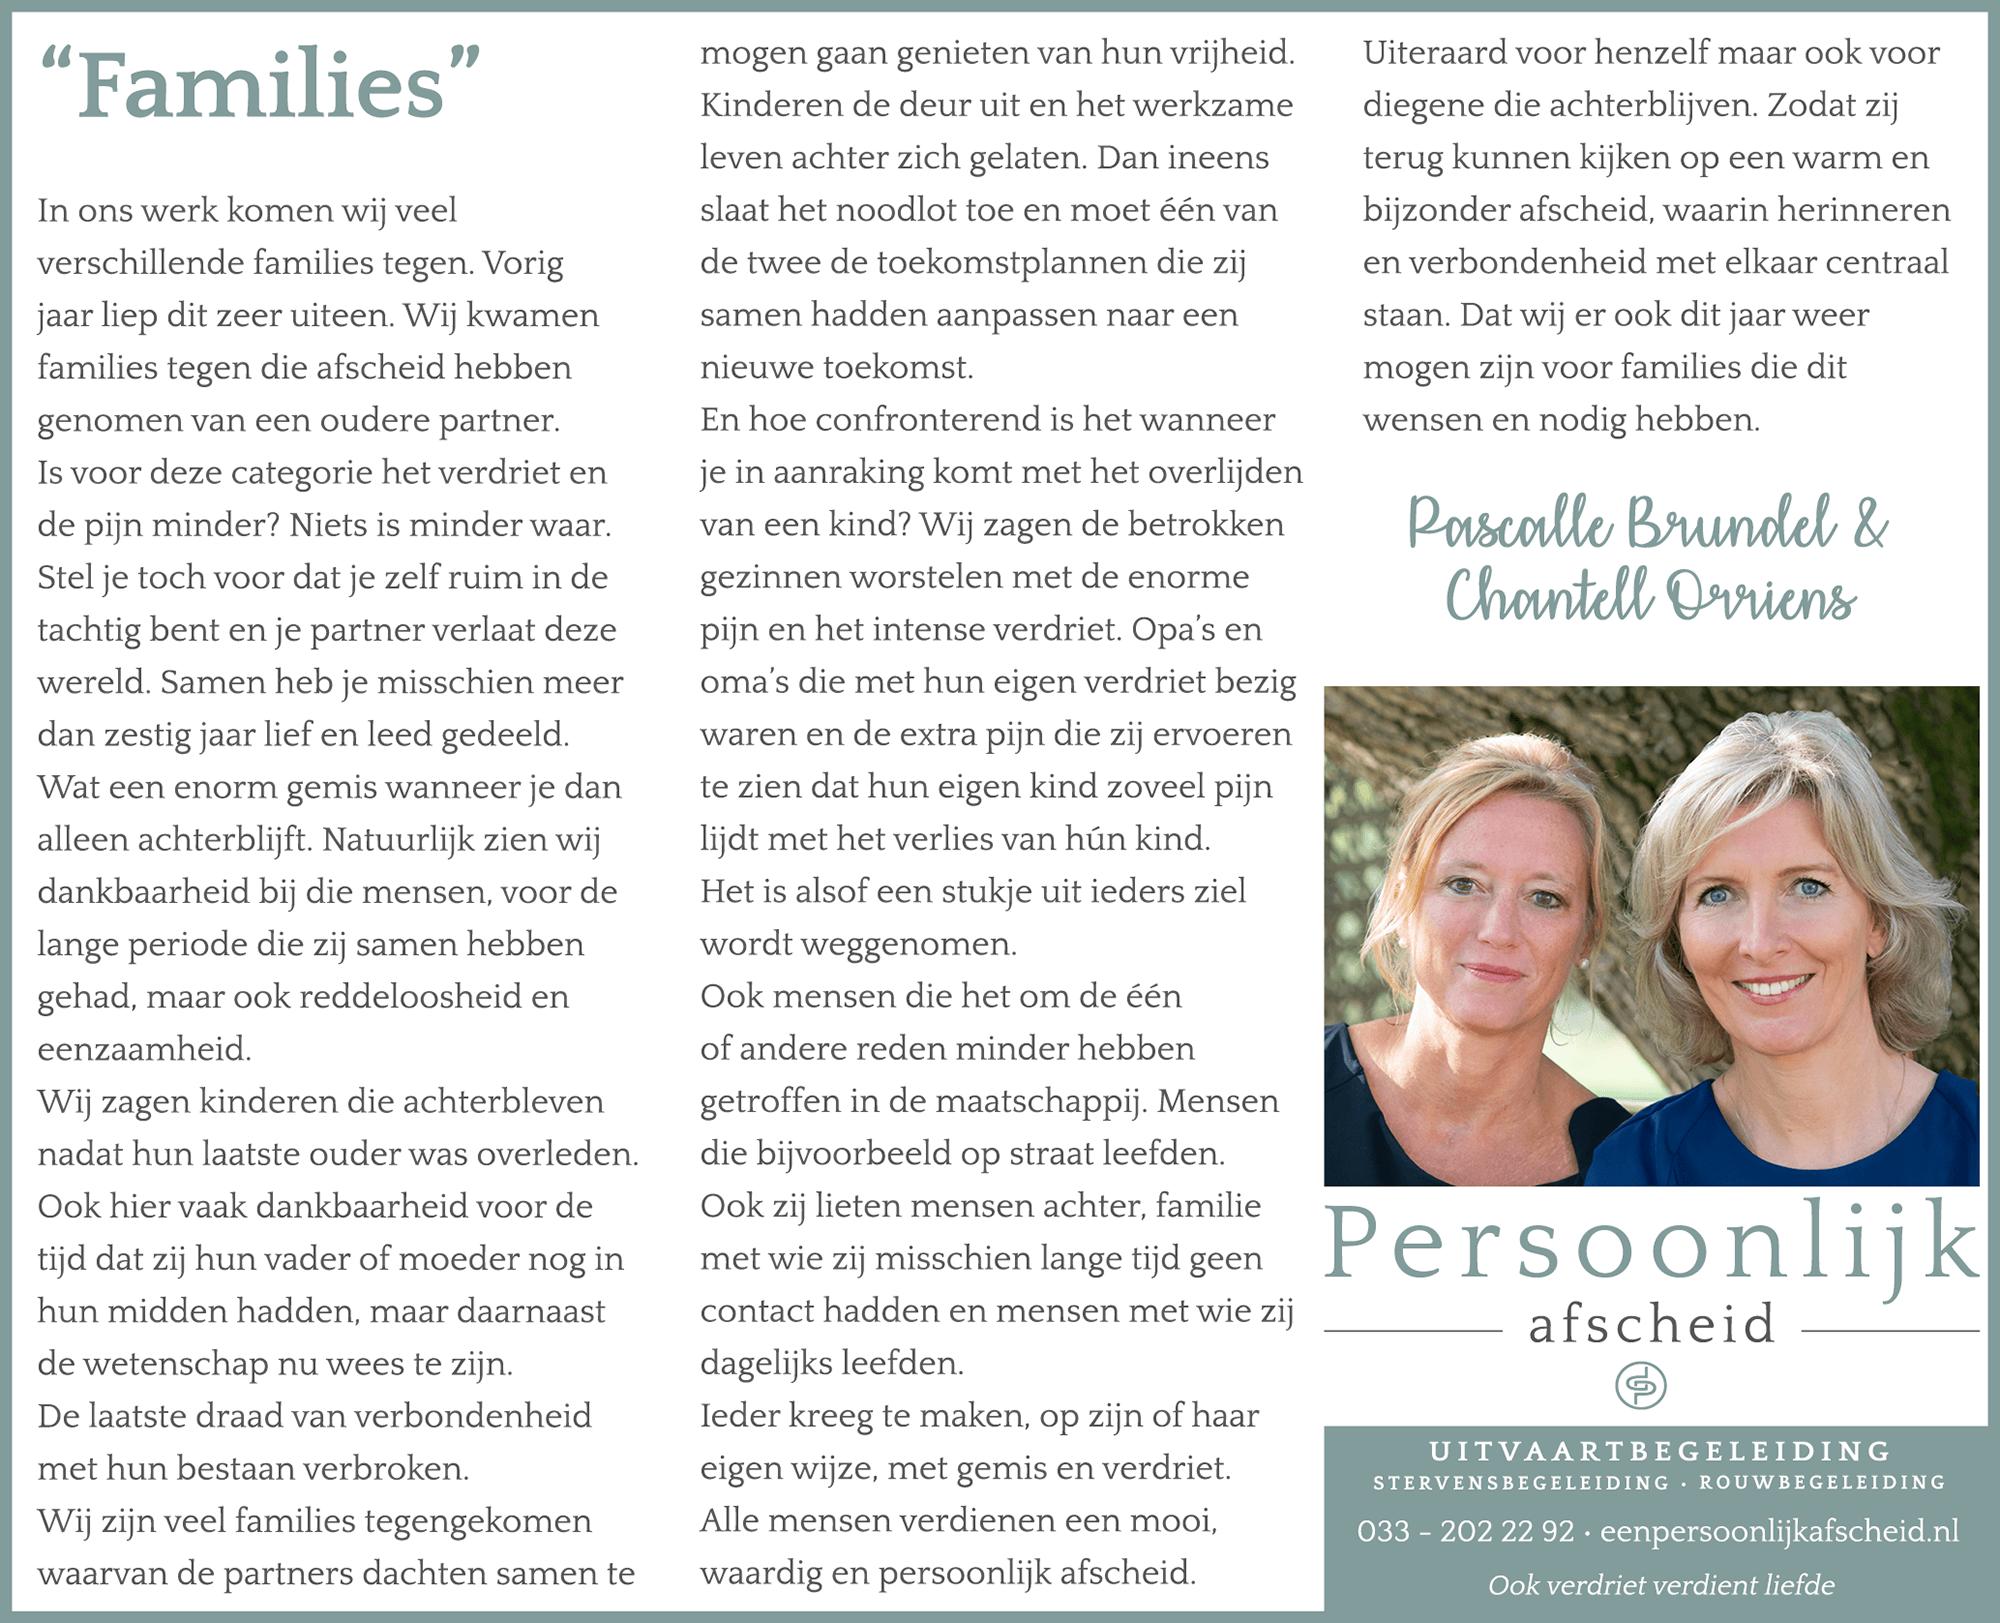 Column: Families - Persoonlijk afscheid